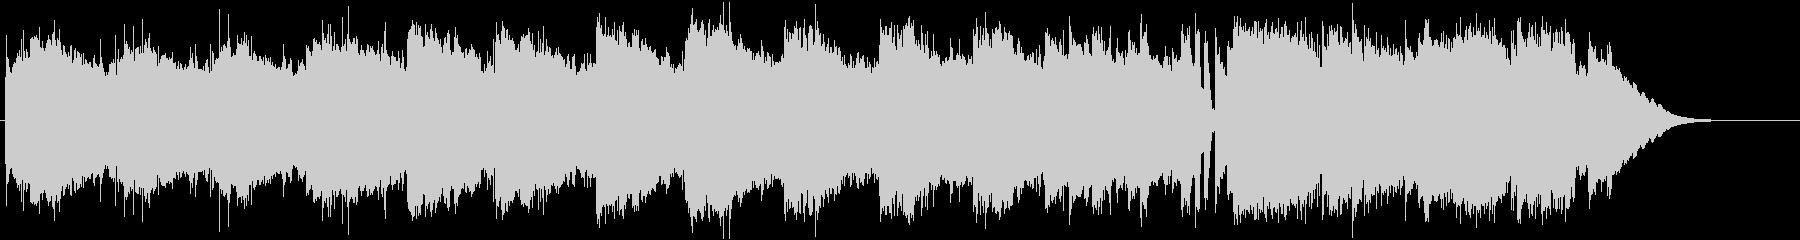 キラキラグロッケン、素朴なリードギターの未再生の波形